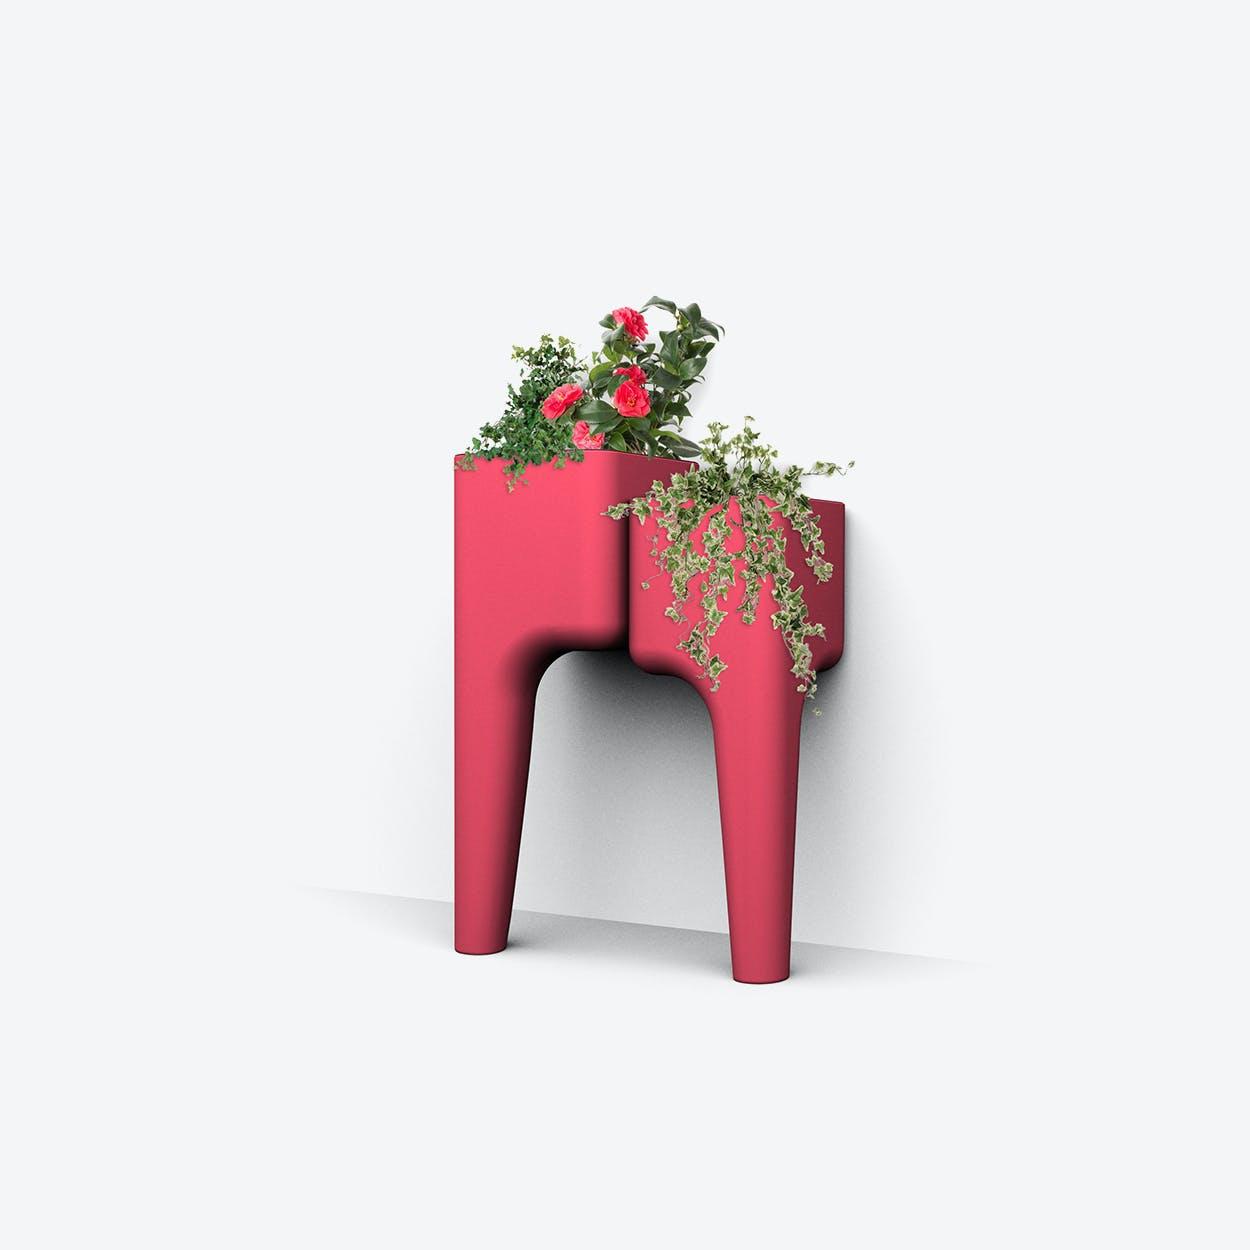 Kiga Kitchen Garden S Strawberry Red